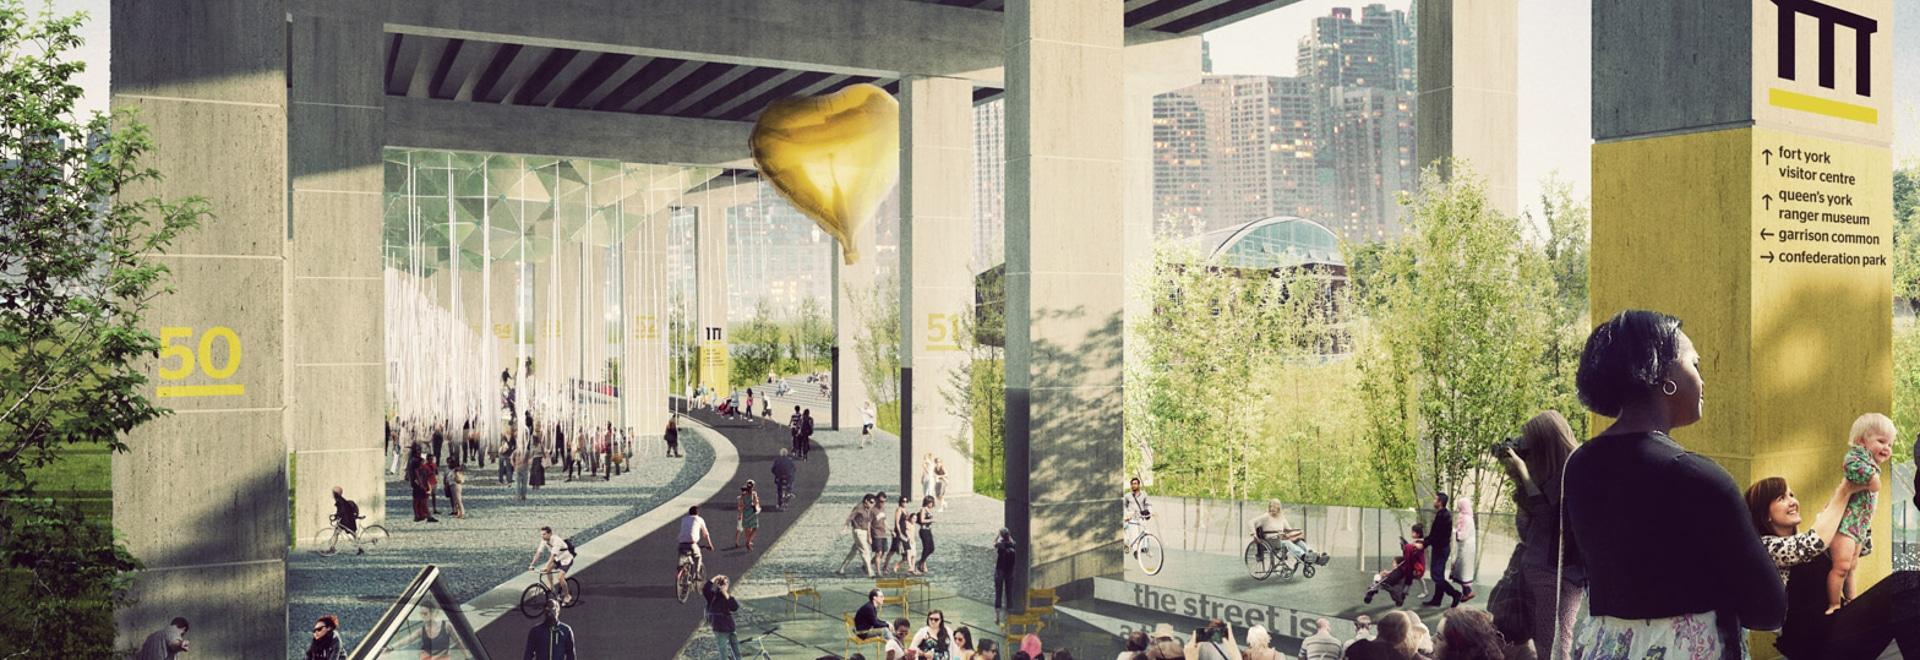 Los planes revelaron para el parque de Toronto que estirará debajo de una carretera